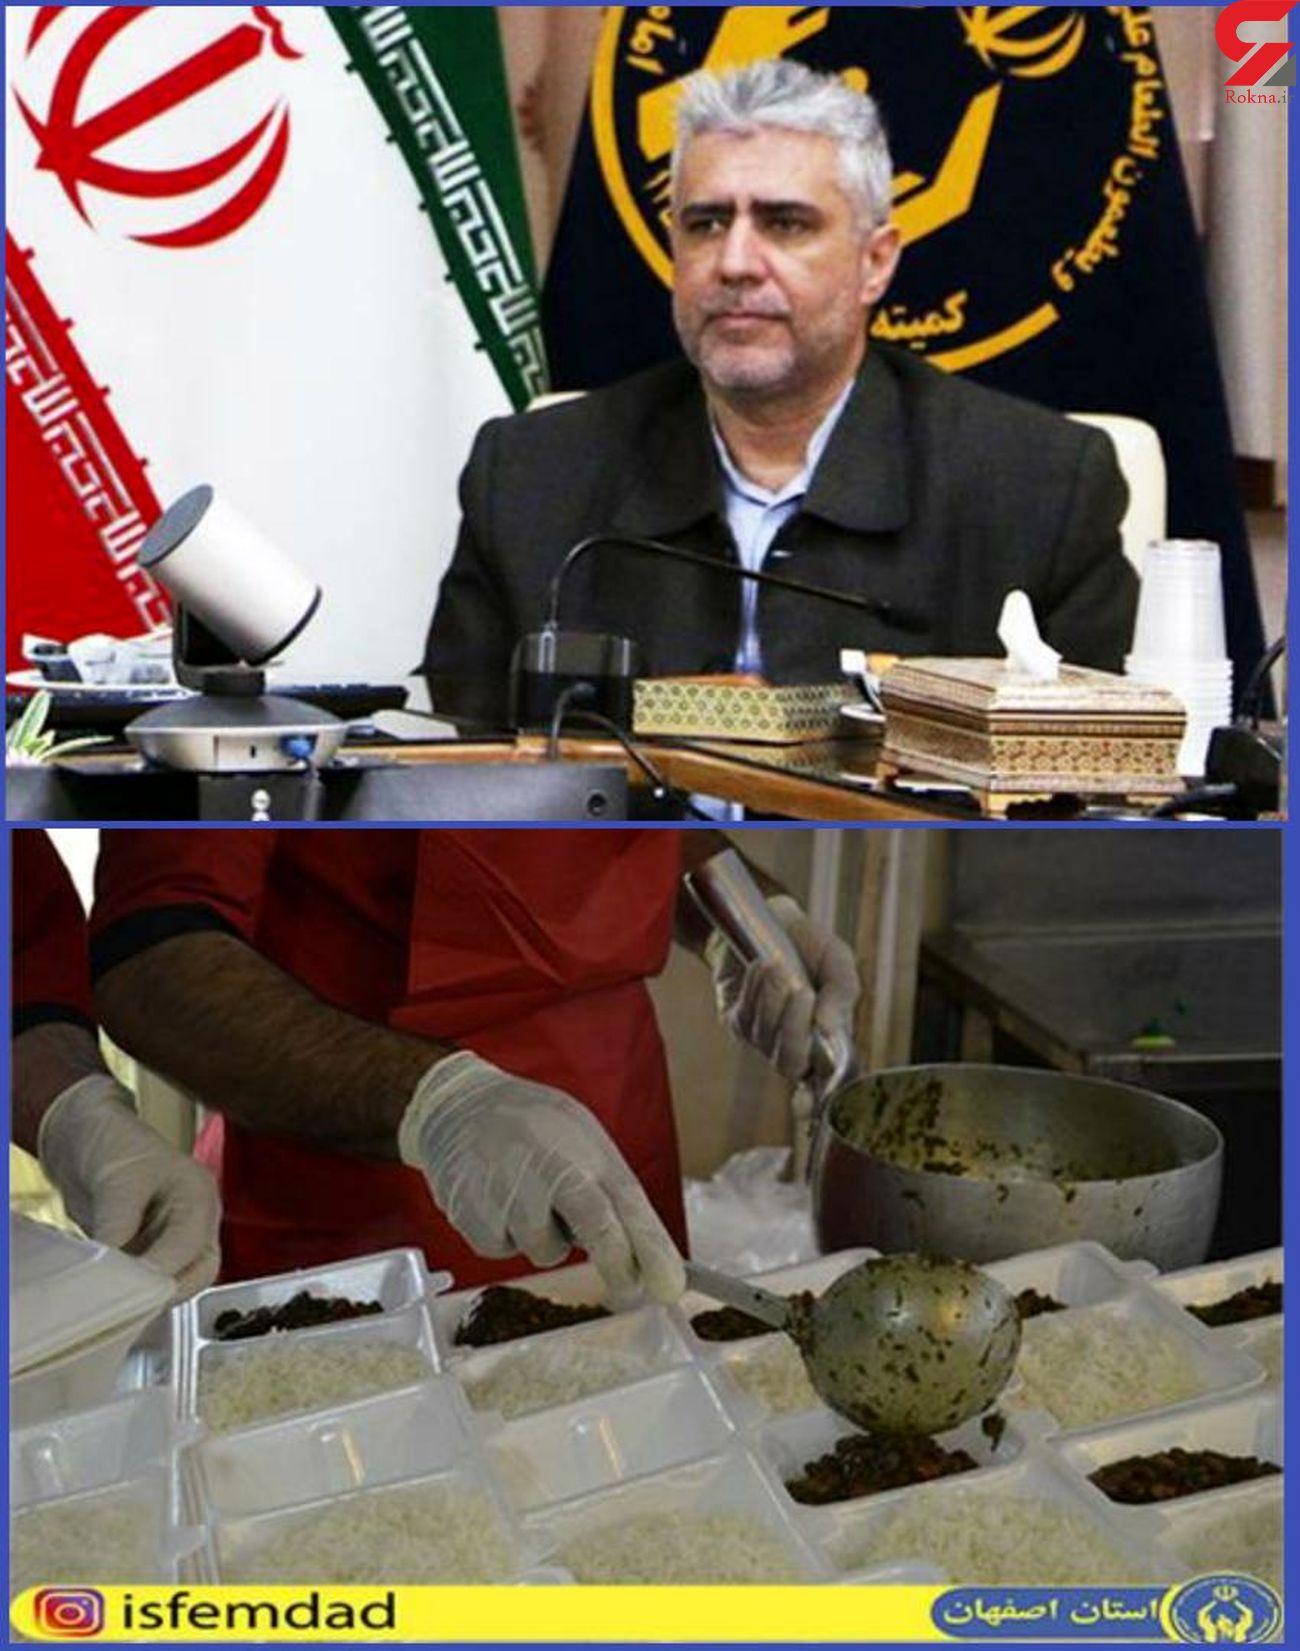 بیش از ۲ میلیون پرس غذای گرم میان مددجویان اصفهانی توزیع شد